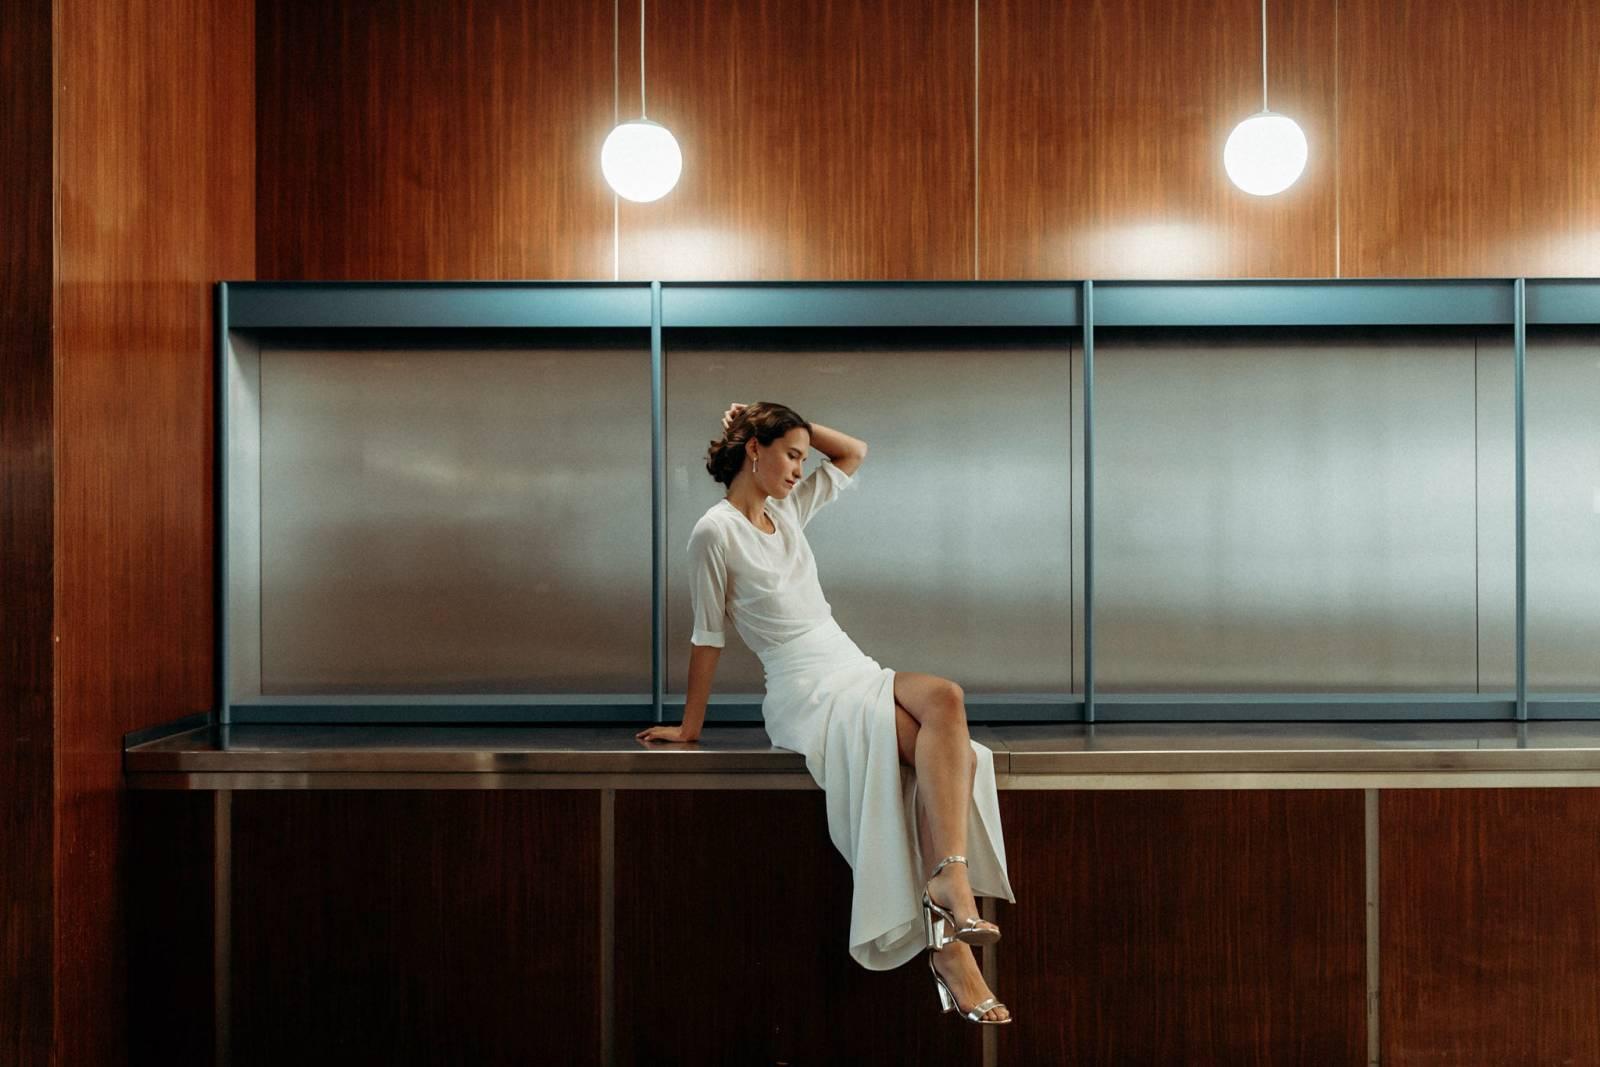 Sikkema - Trouwjurk - Bruidswinkel - Fotograaf Elke van den Ende - House of Weddings - 15